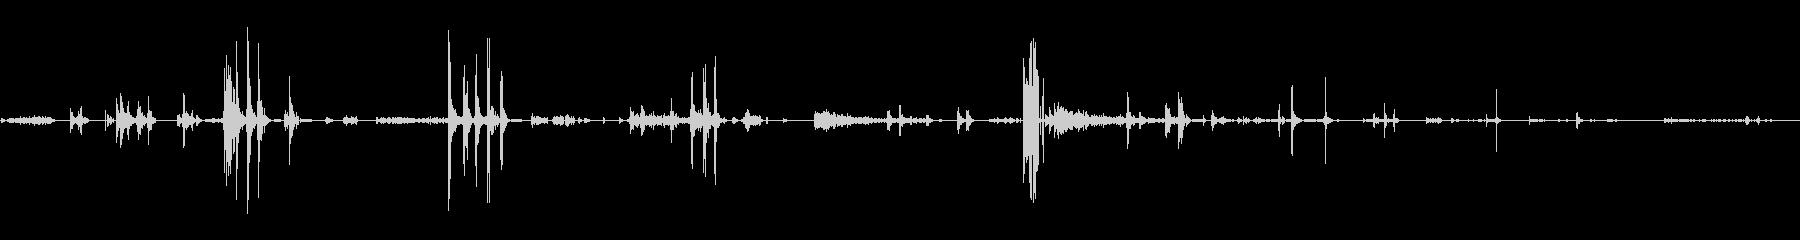 デジタル静的グリッチ:メタリック、...の未再生の波形